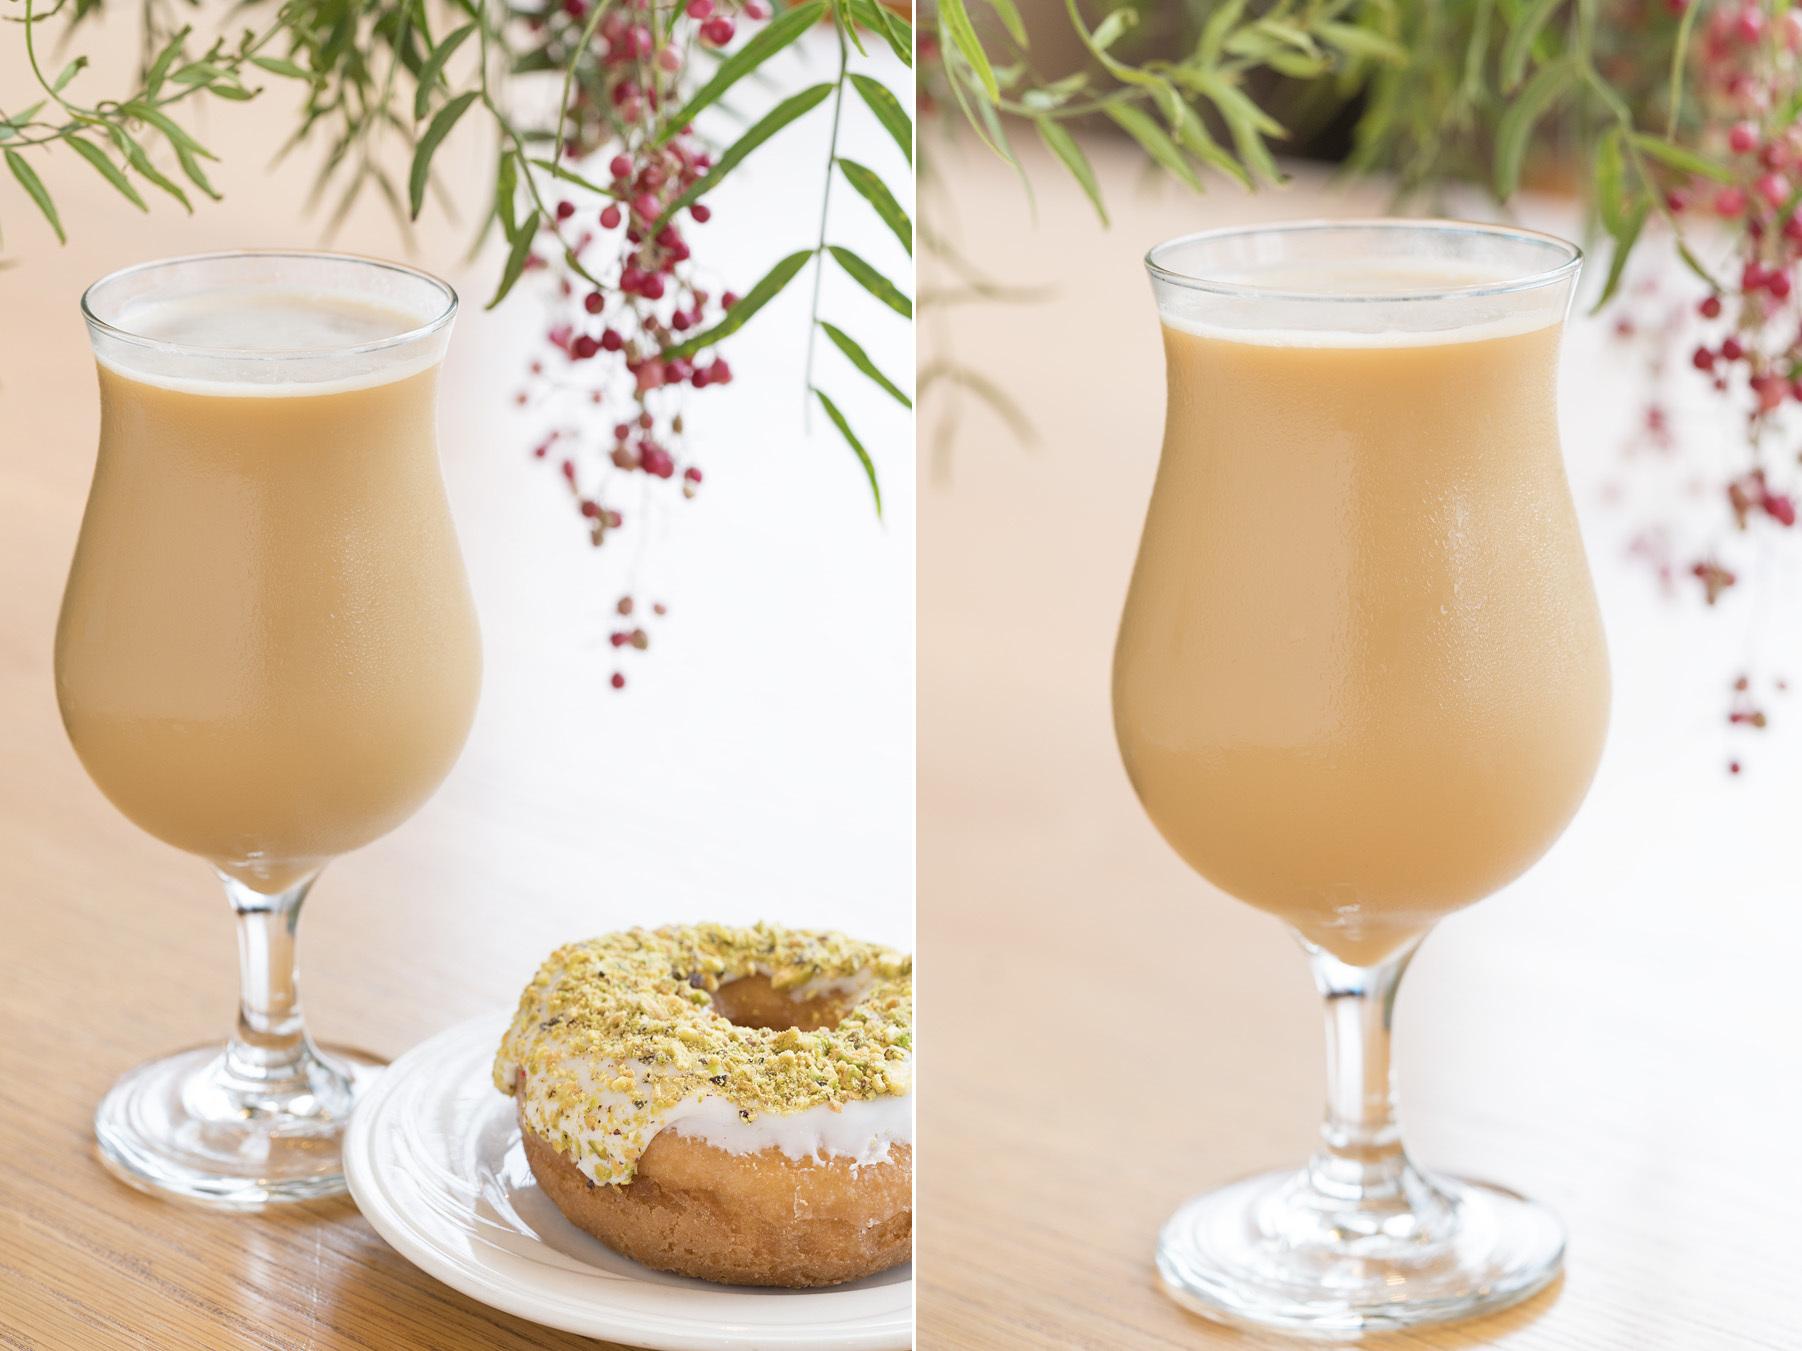 Cardamom spice latte at Big Shoulders